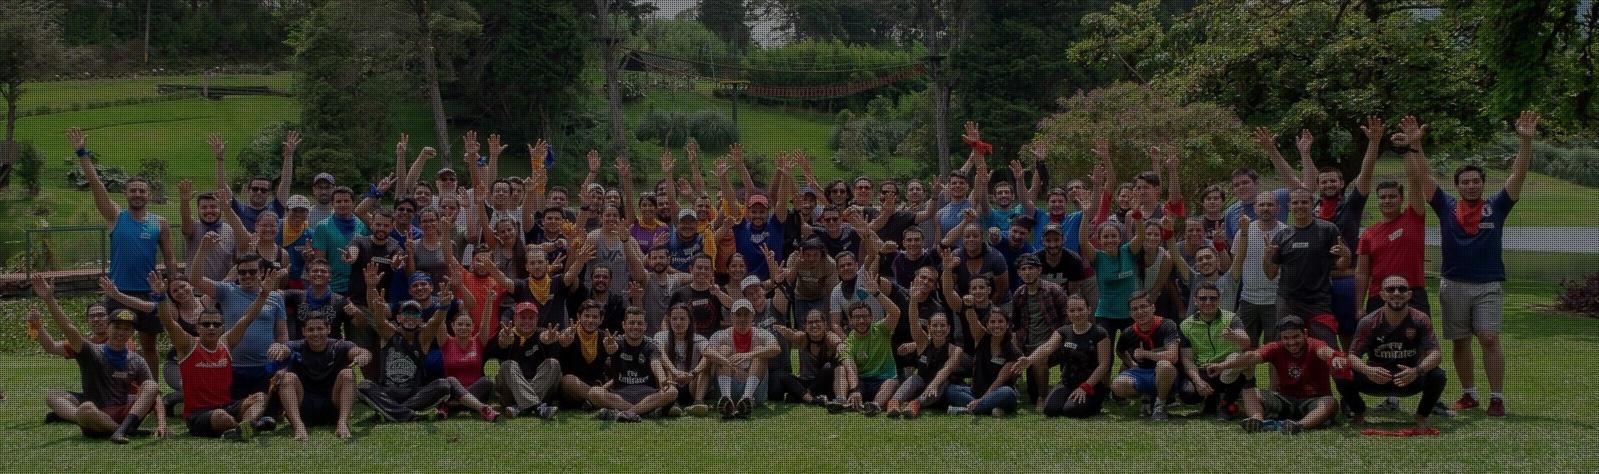 teamMobilize.jpg